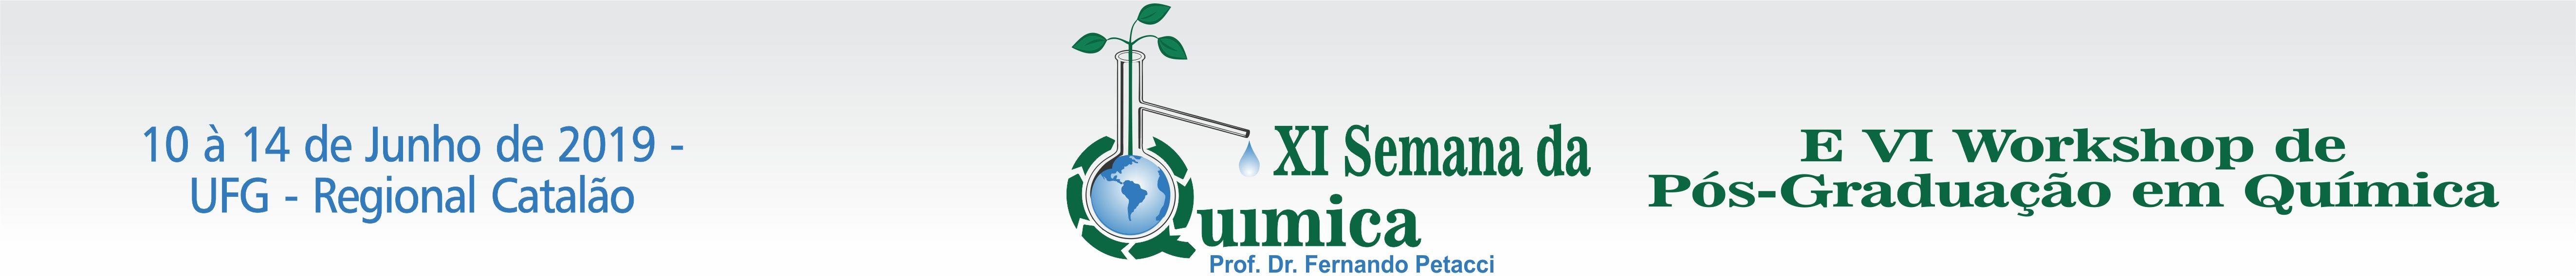 logo site XISQ